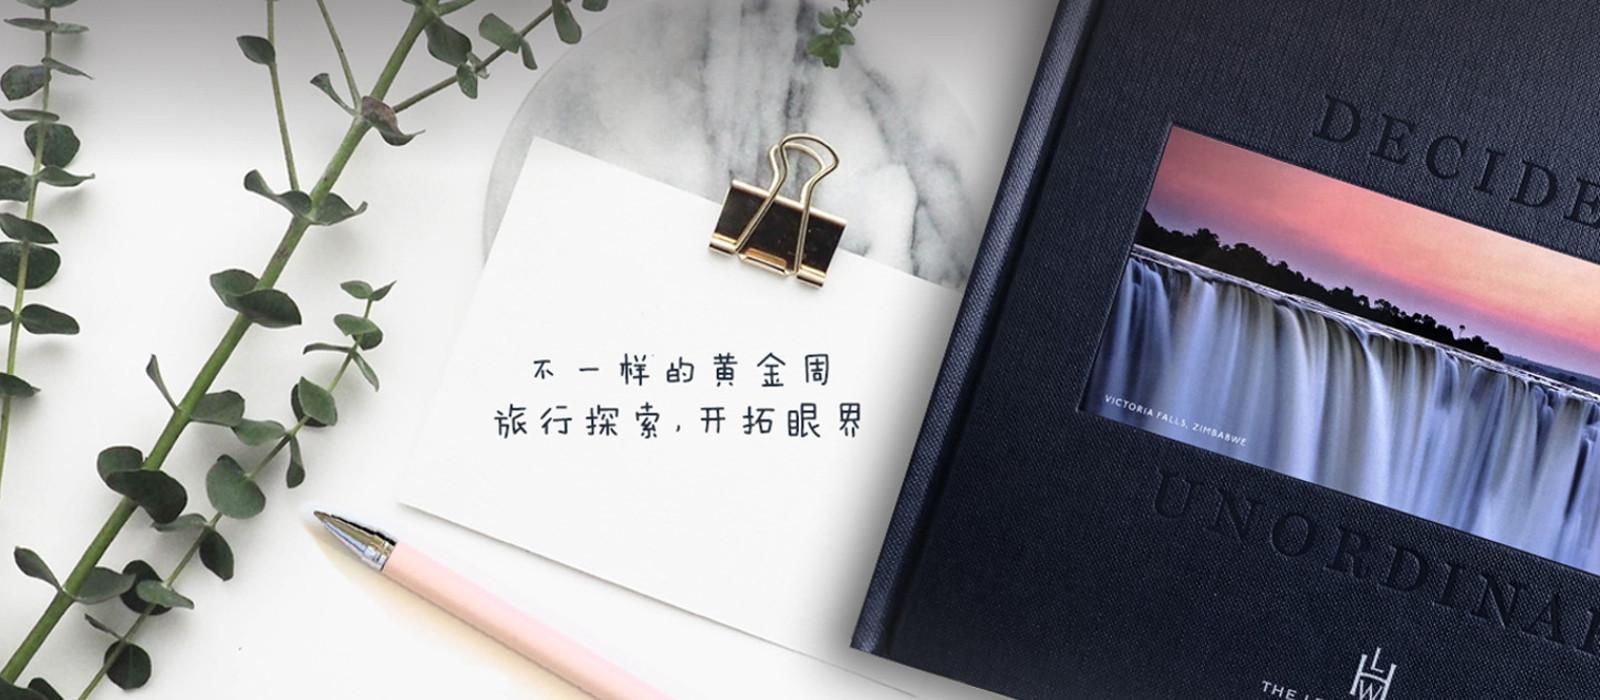 2019 Golden Week Promotion 活動  www.jansvu.icu